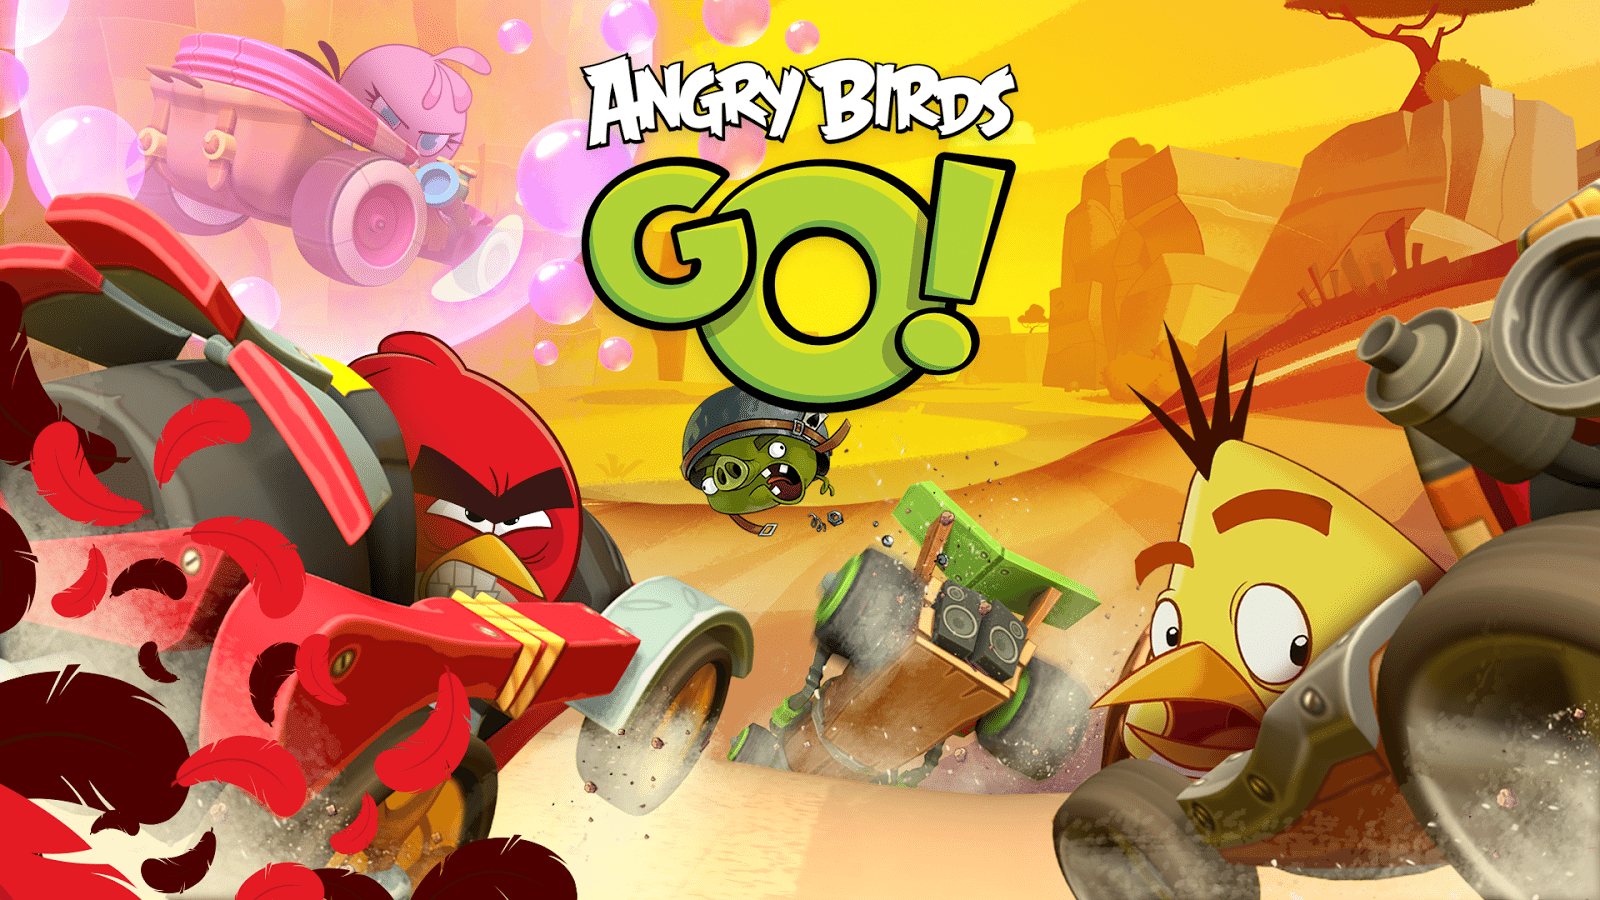 Angry Birds Go! 2.9.1 - Descargar para Android APK Gratis